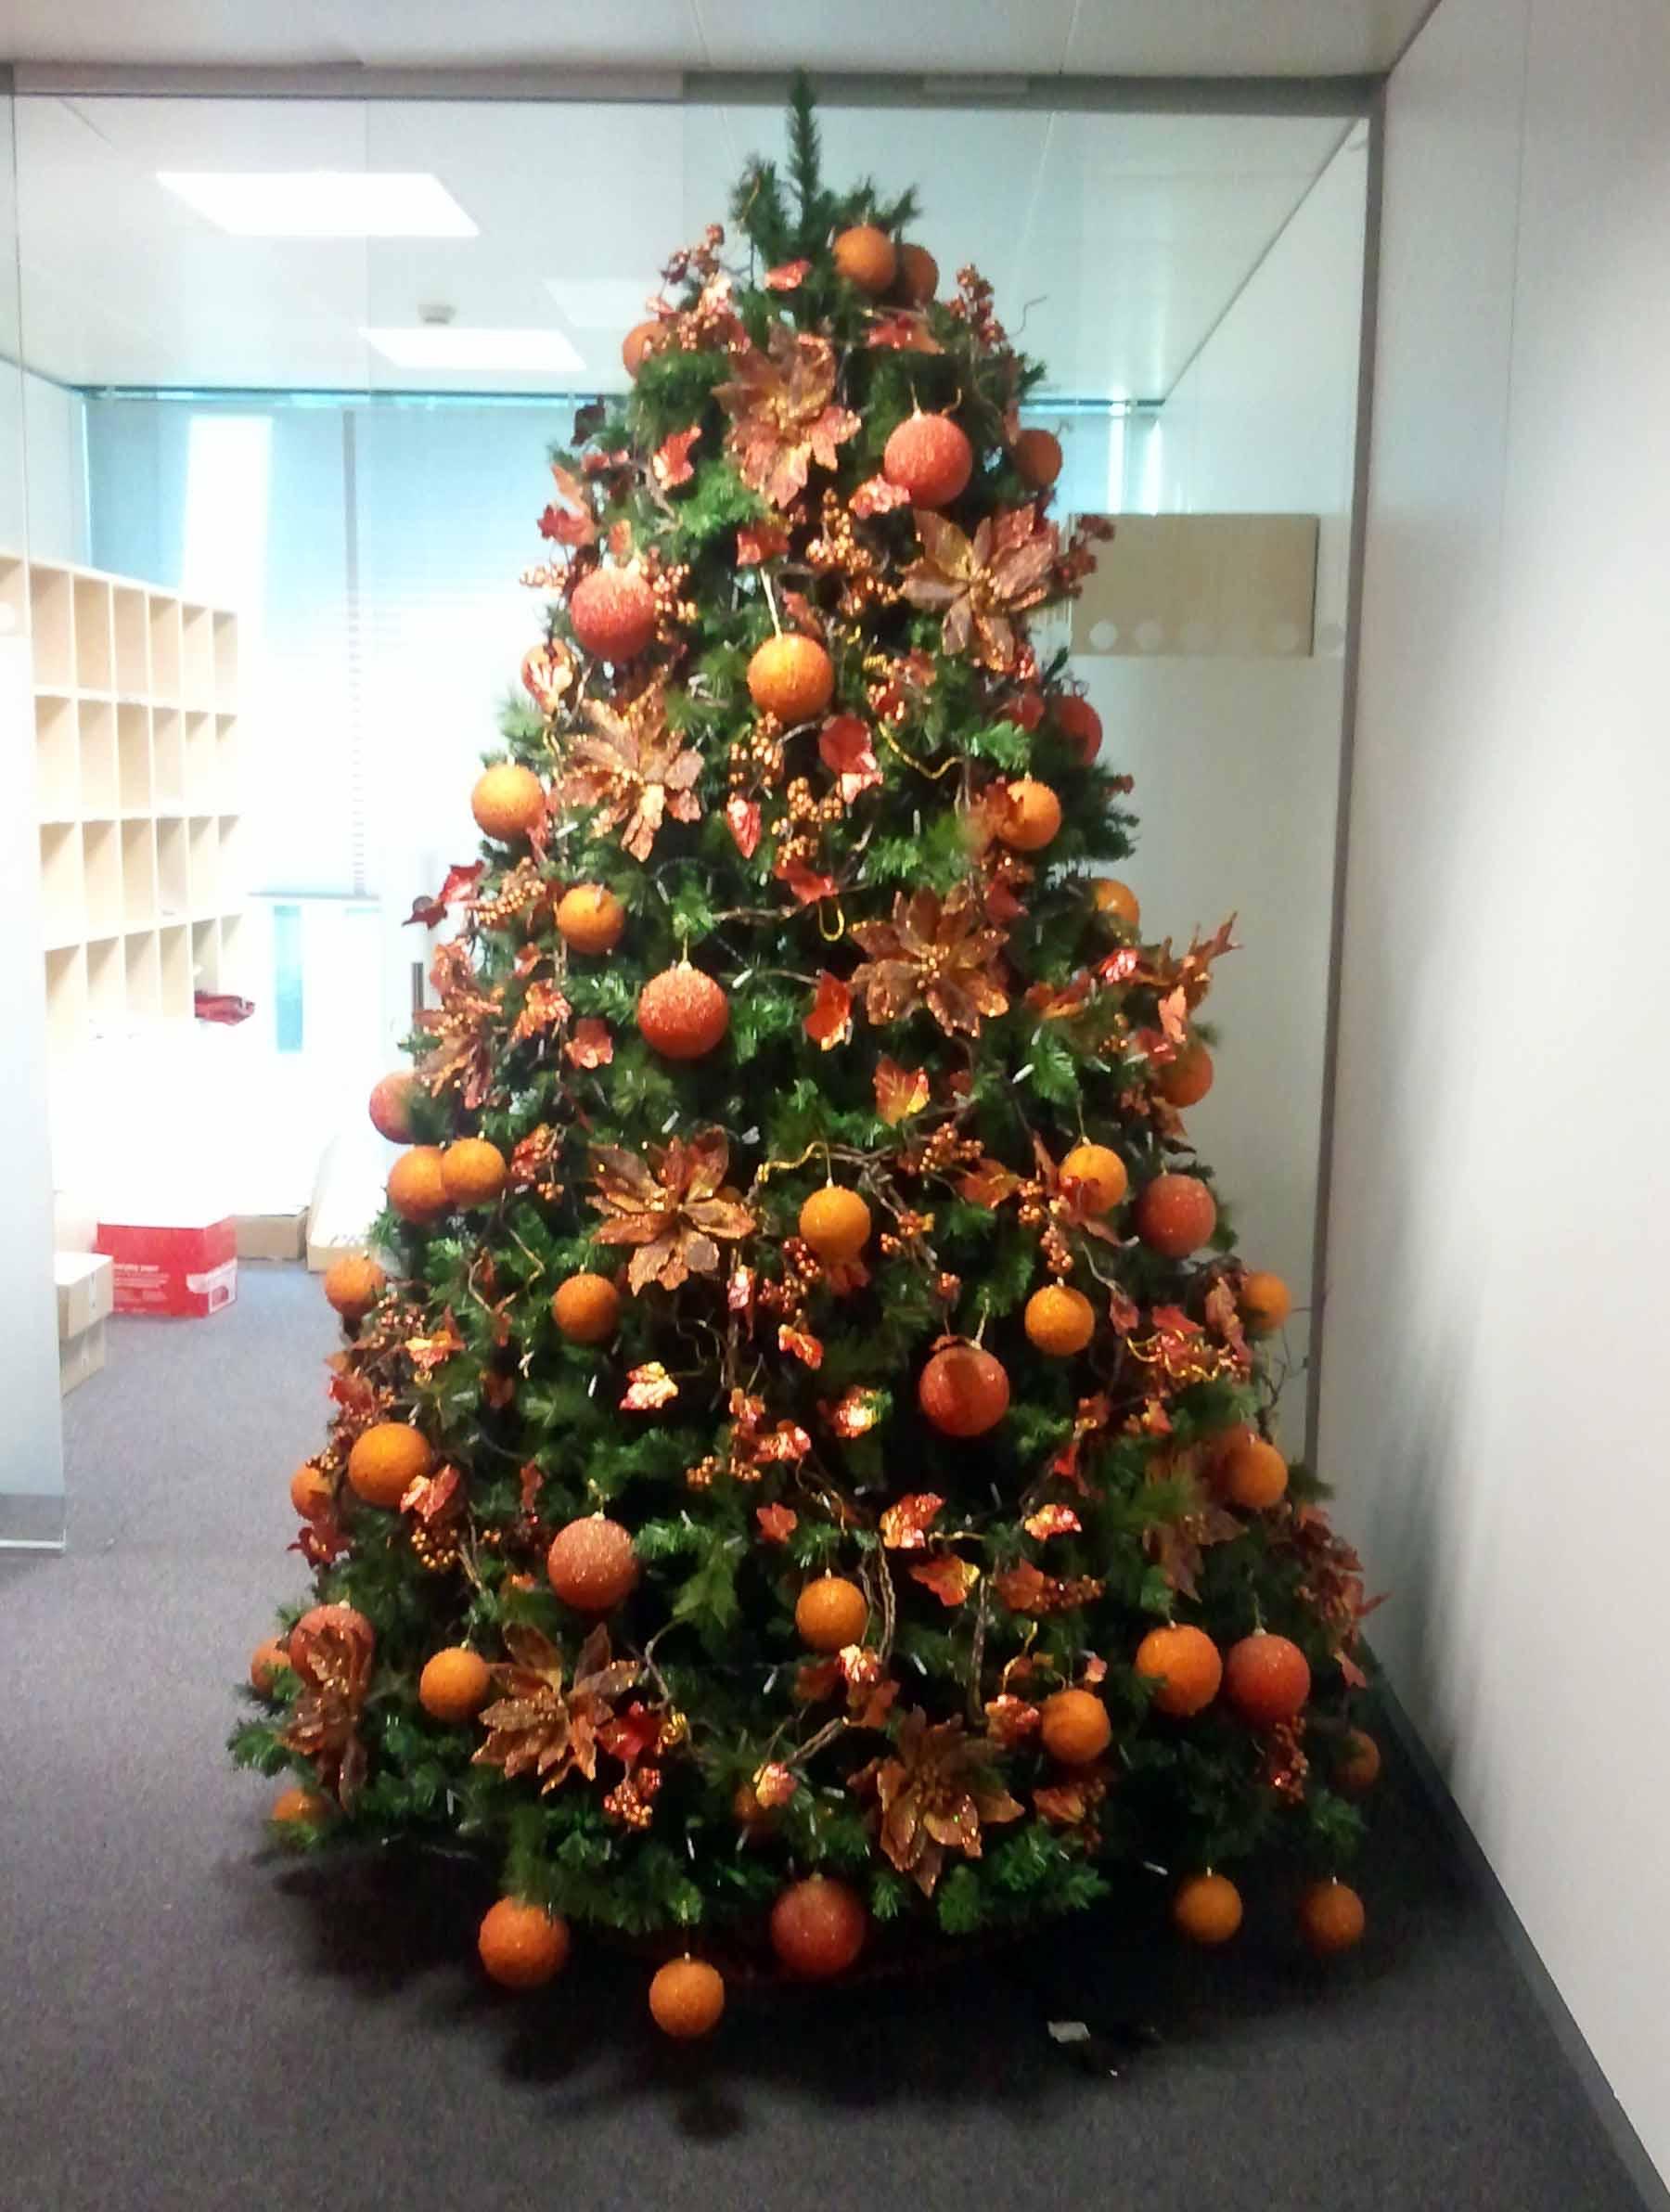 rboles de navidad color naranja with arboles de navidad navideas